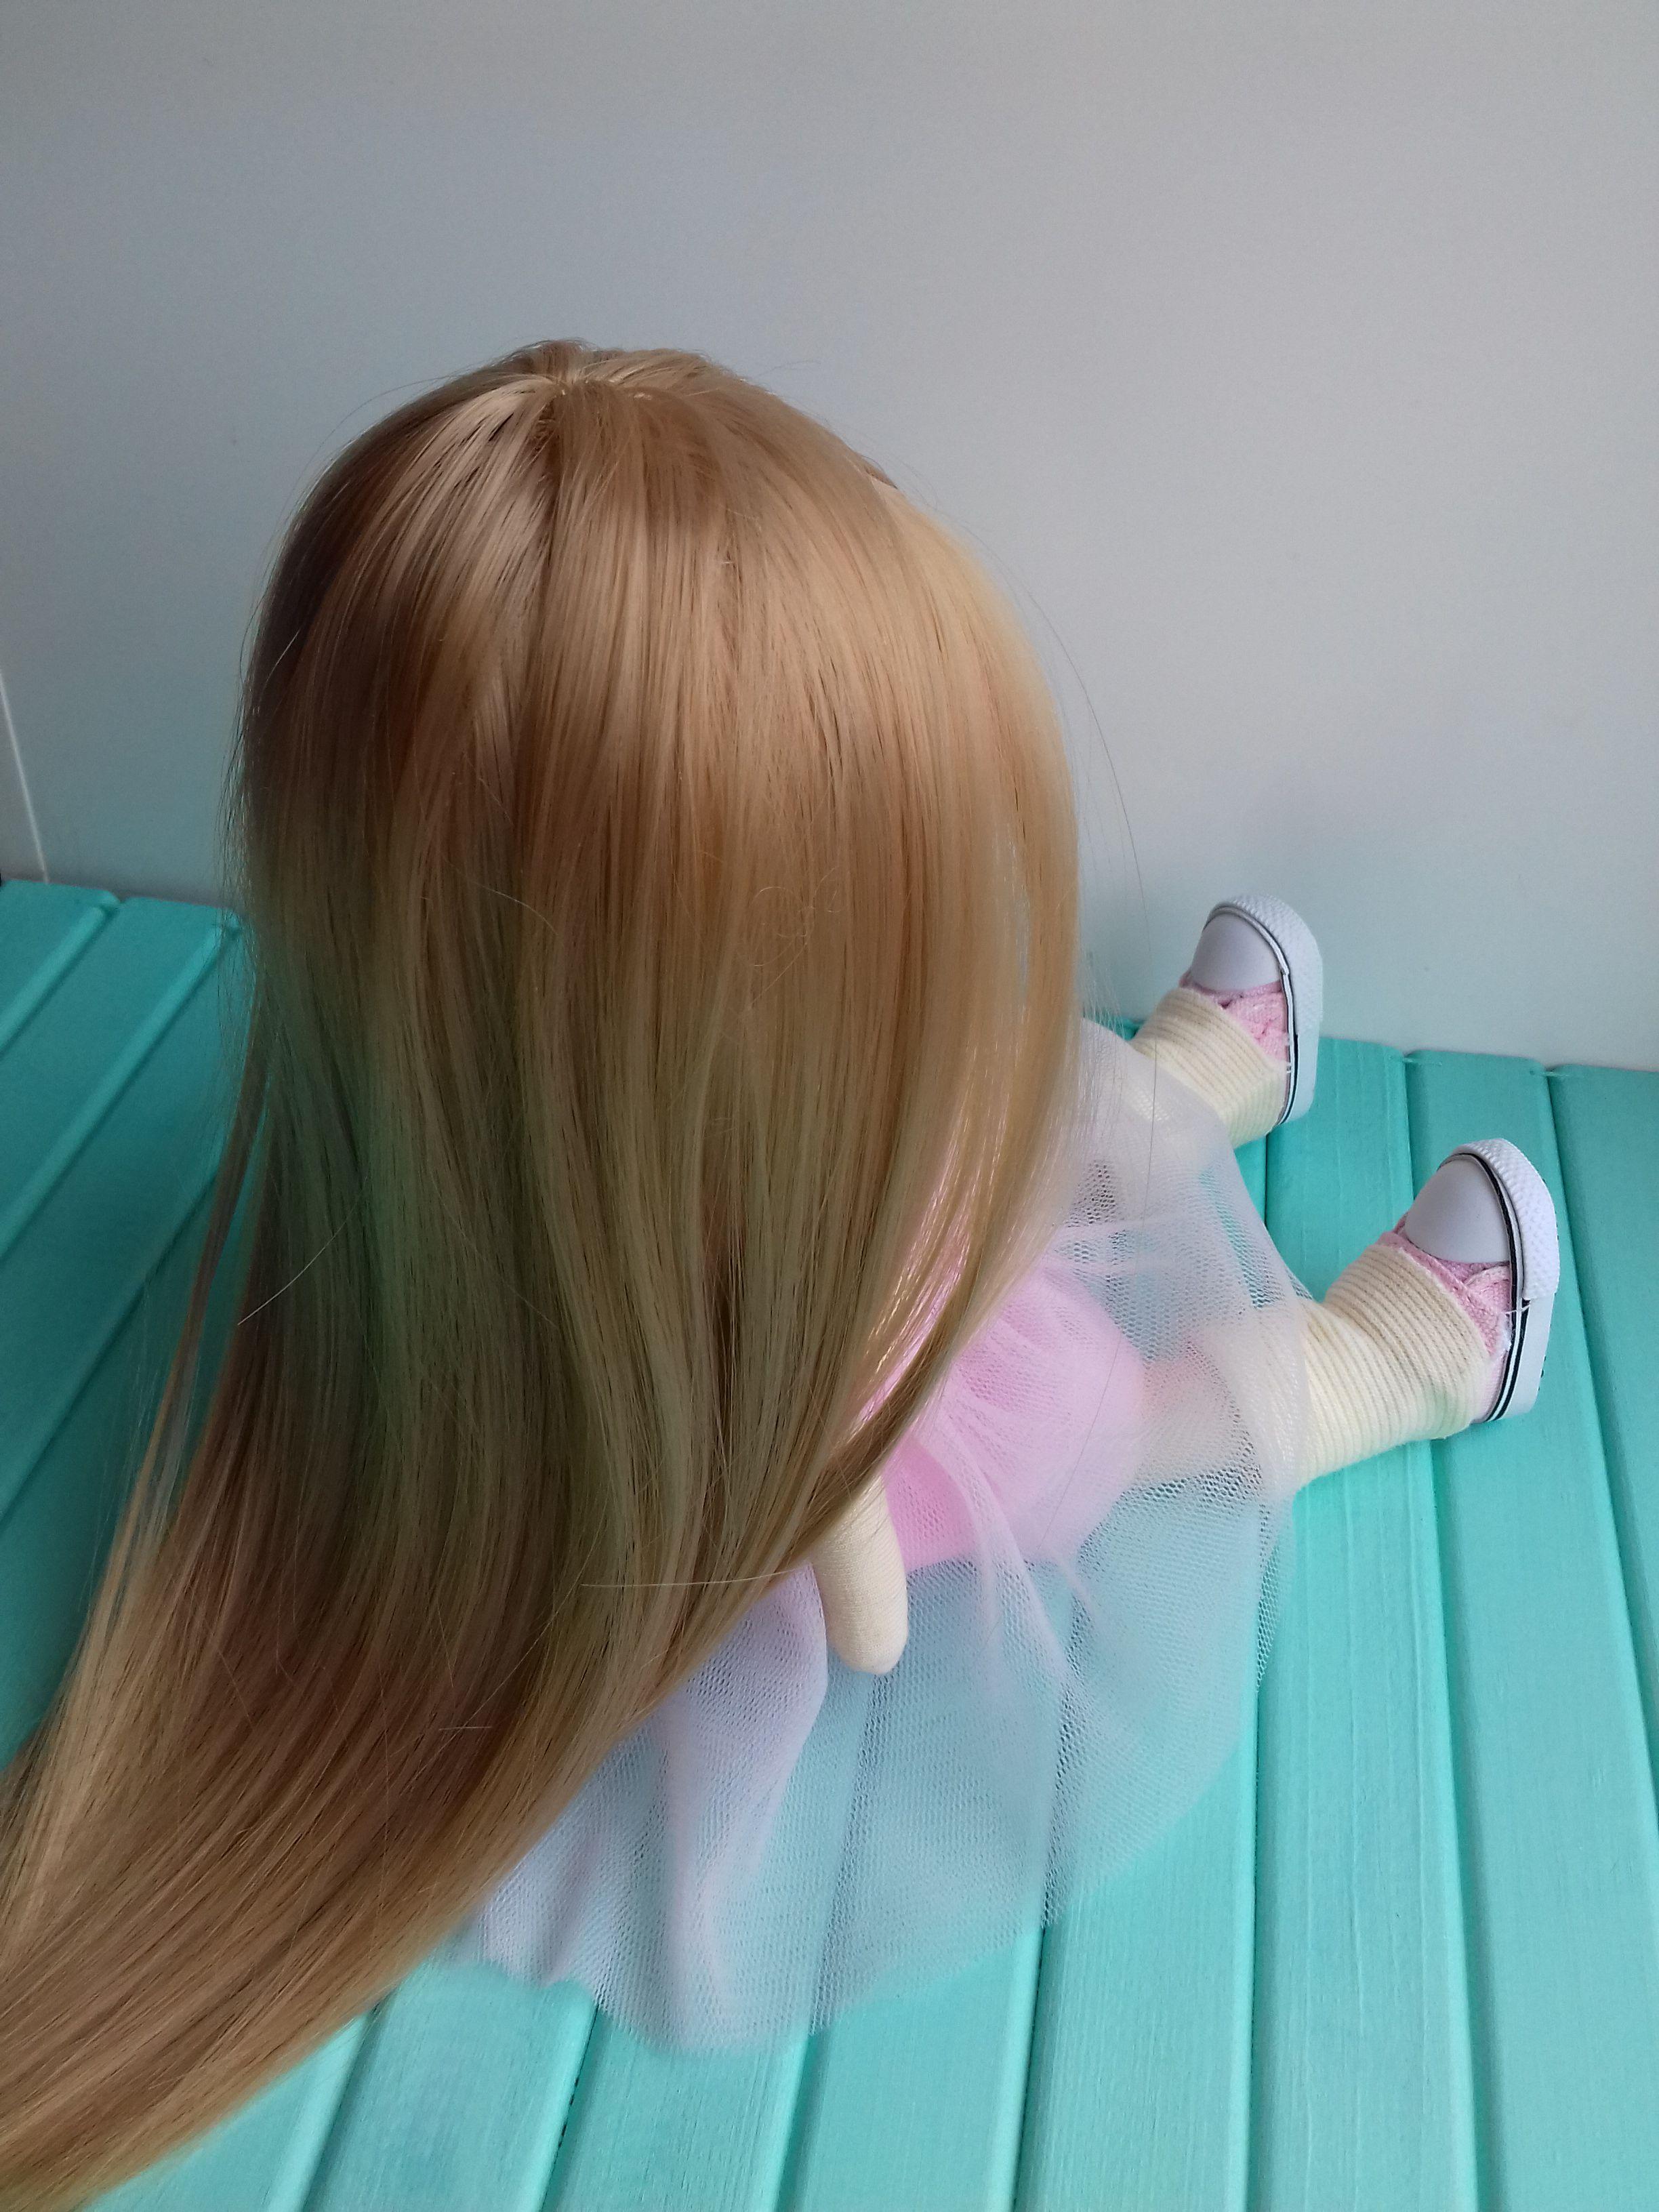 интерьерная уфа ручная тильда рукоделие россия хендмейд работа кукла